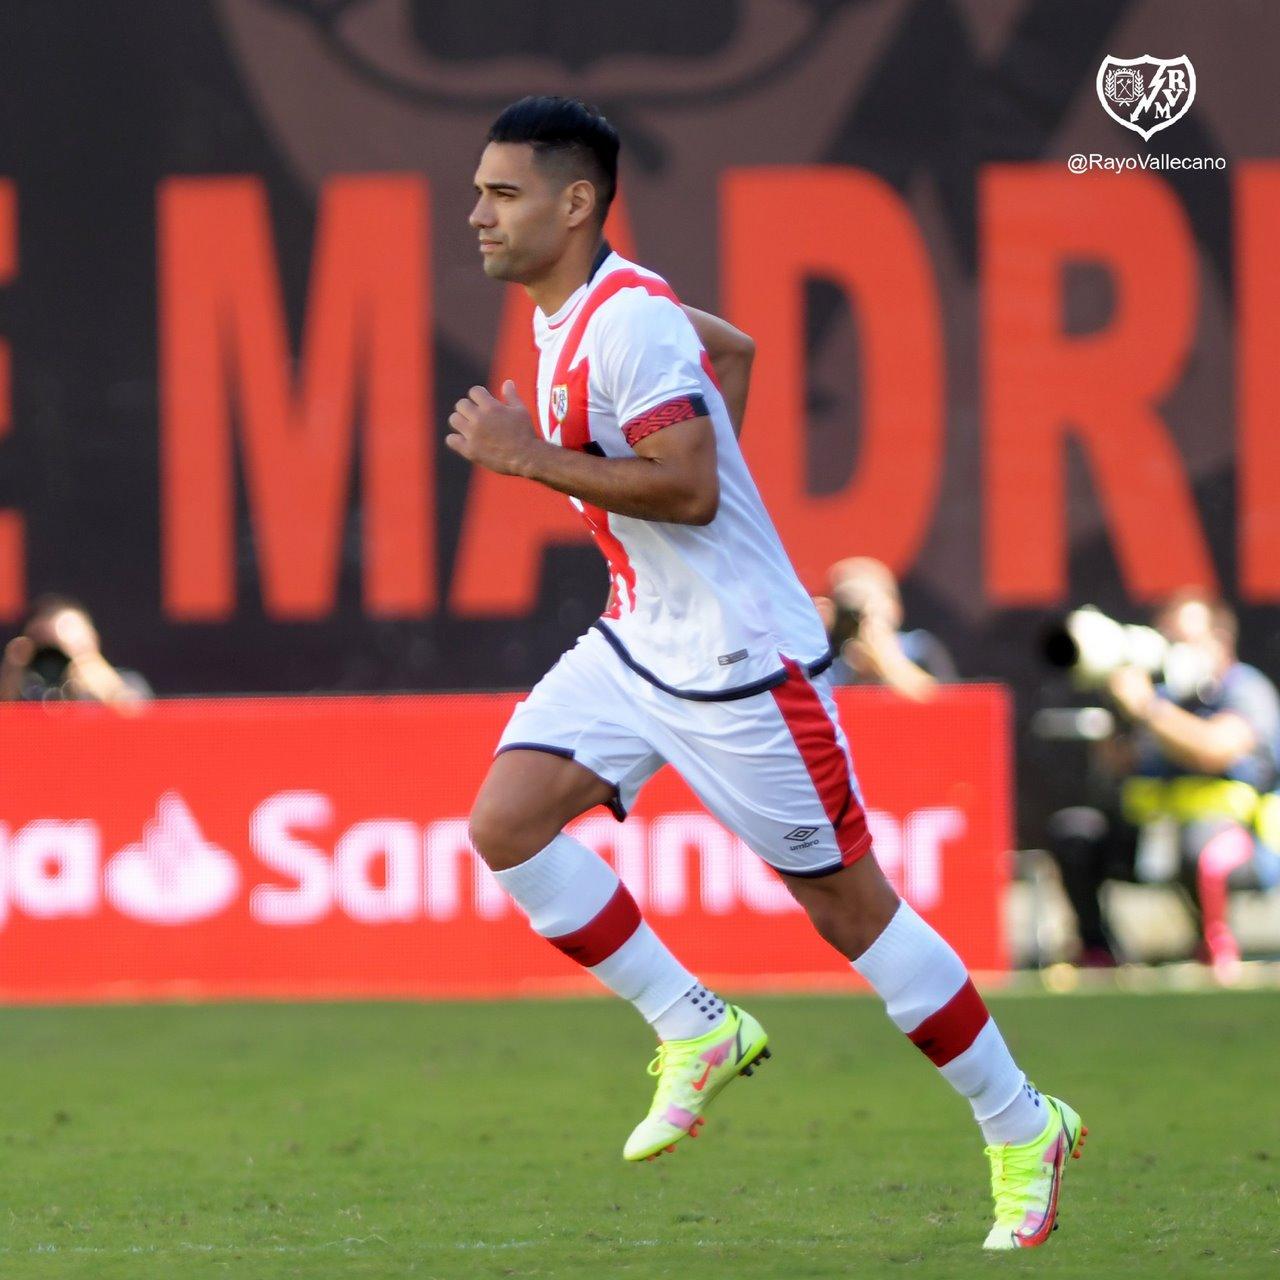 Falcao Garcia debuto con gol en el Rayo Vallecano 1